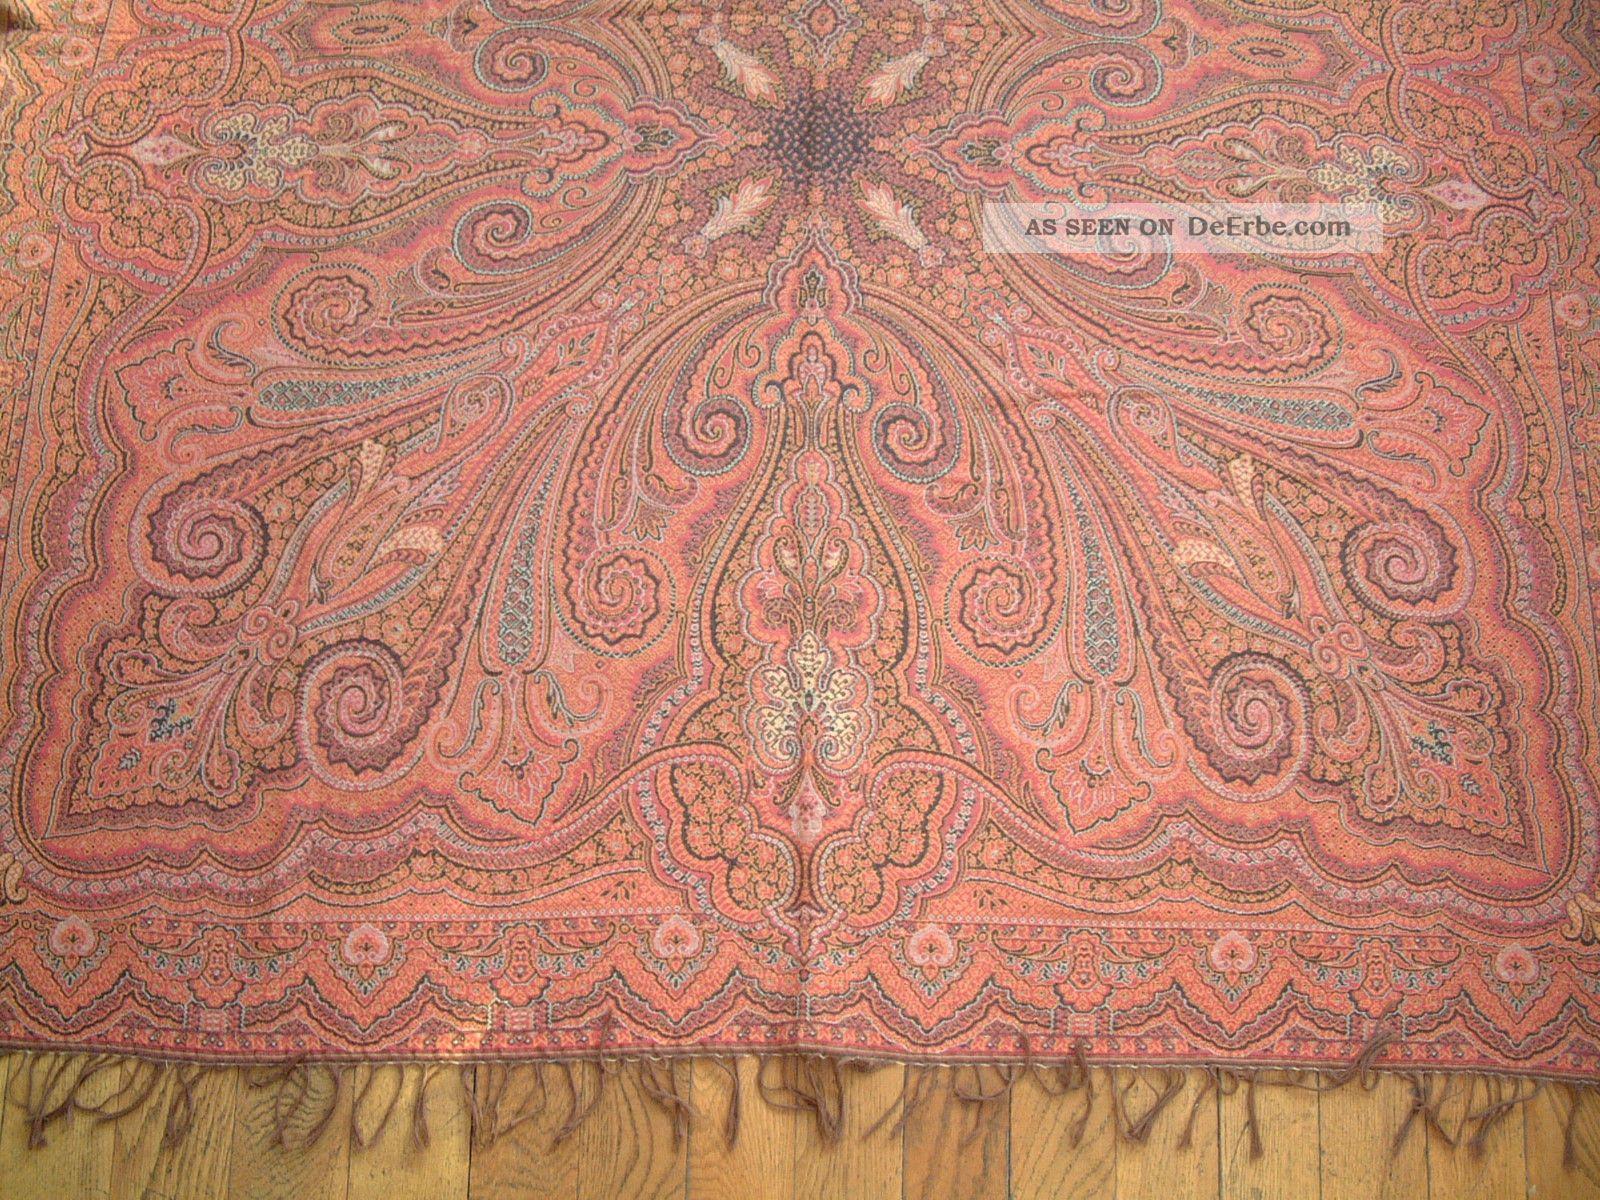 paisley decke beidseitig gewebt 1920 rechteckig sehr dekorativ sch ne farben. Black Bedroom Furniture Sets. Home Design Ideas